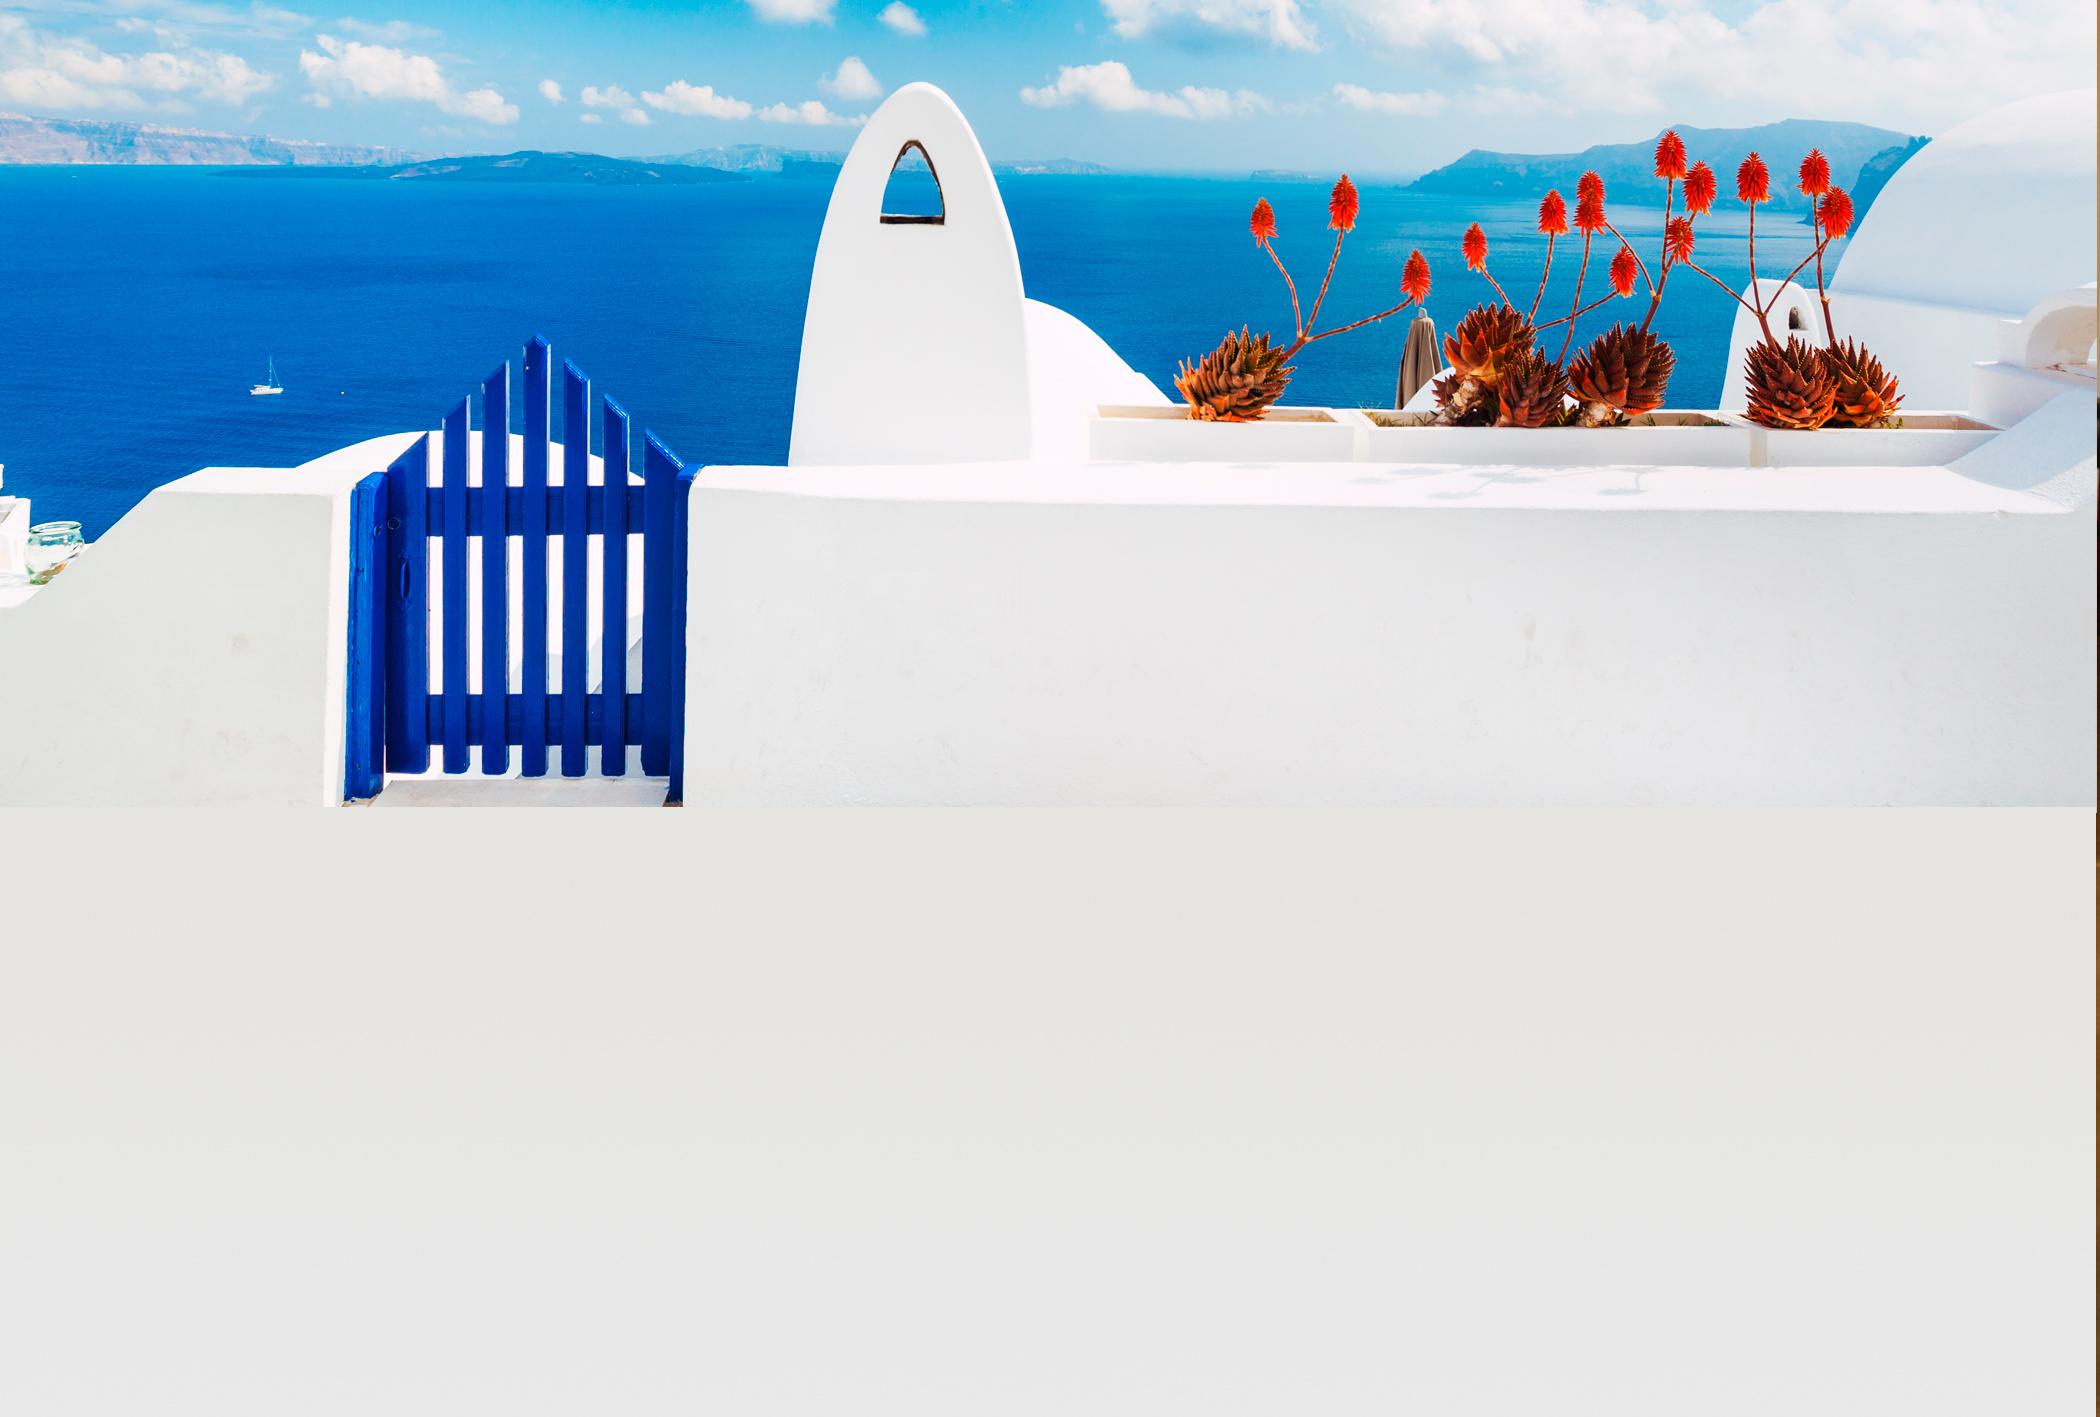 Dreamingreece.com Travel Guide of Greece